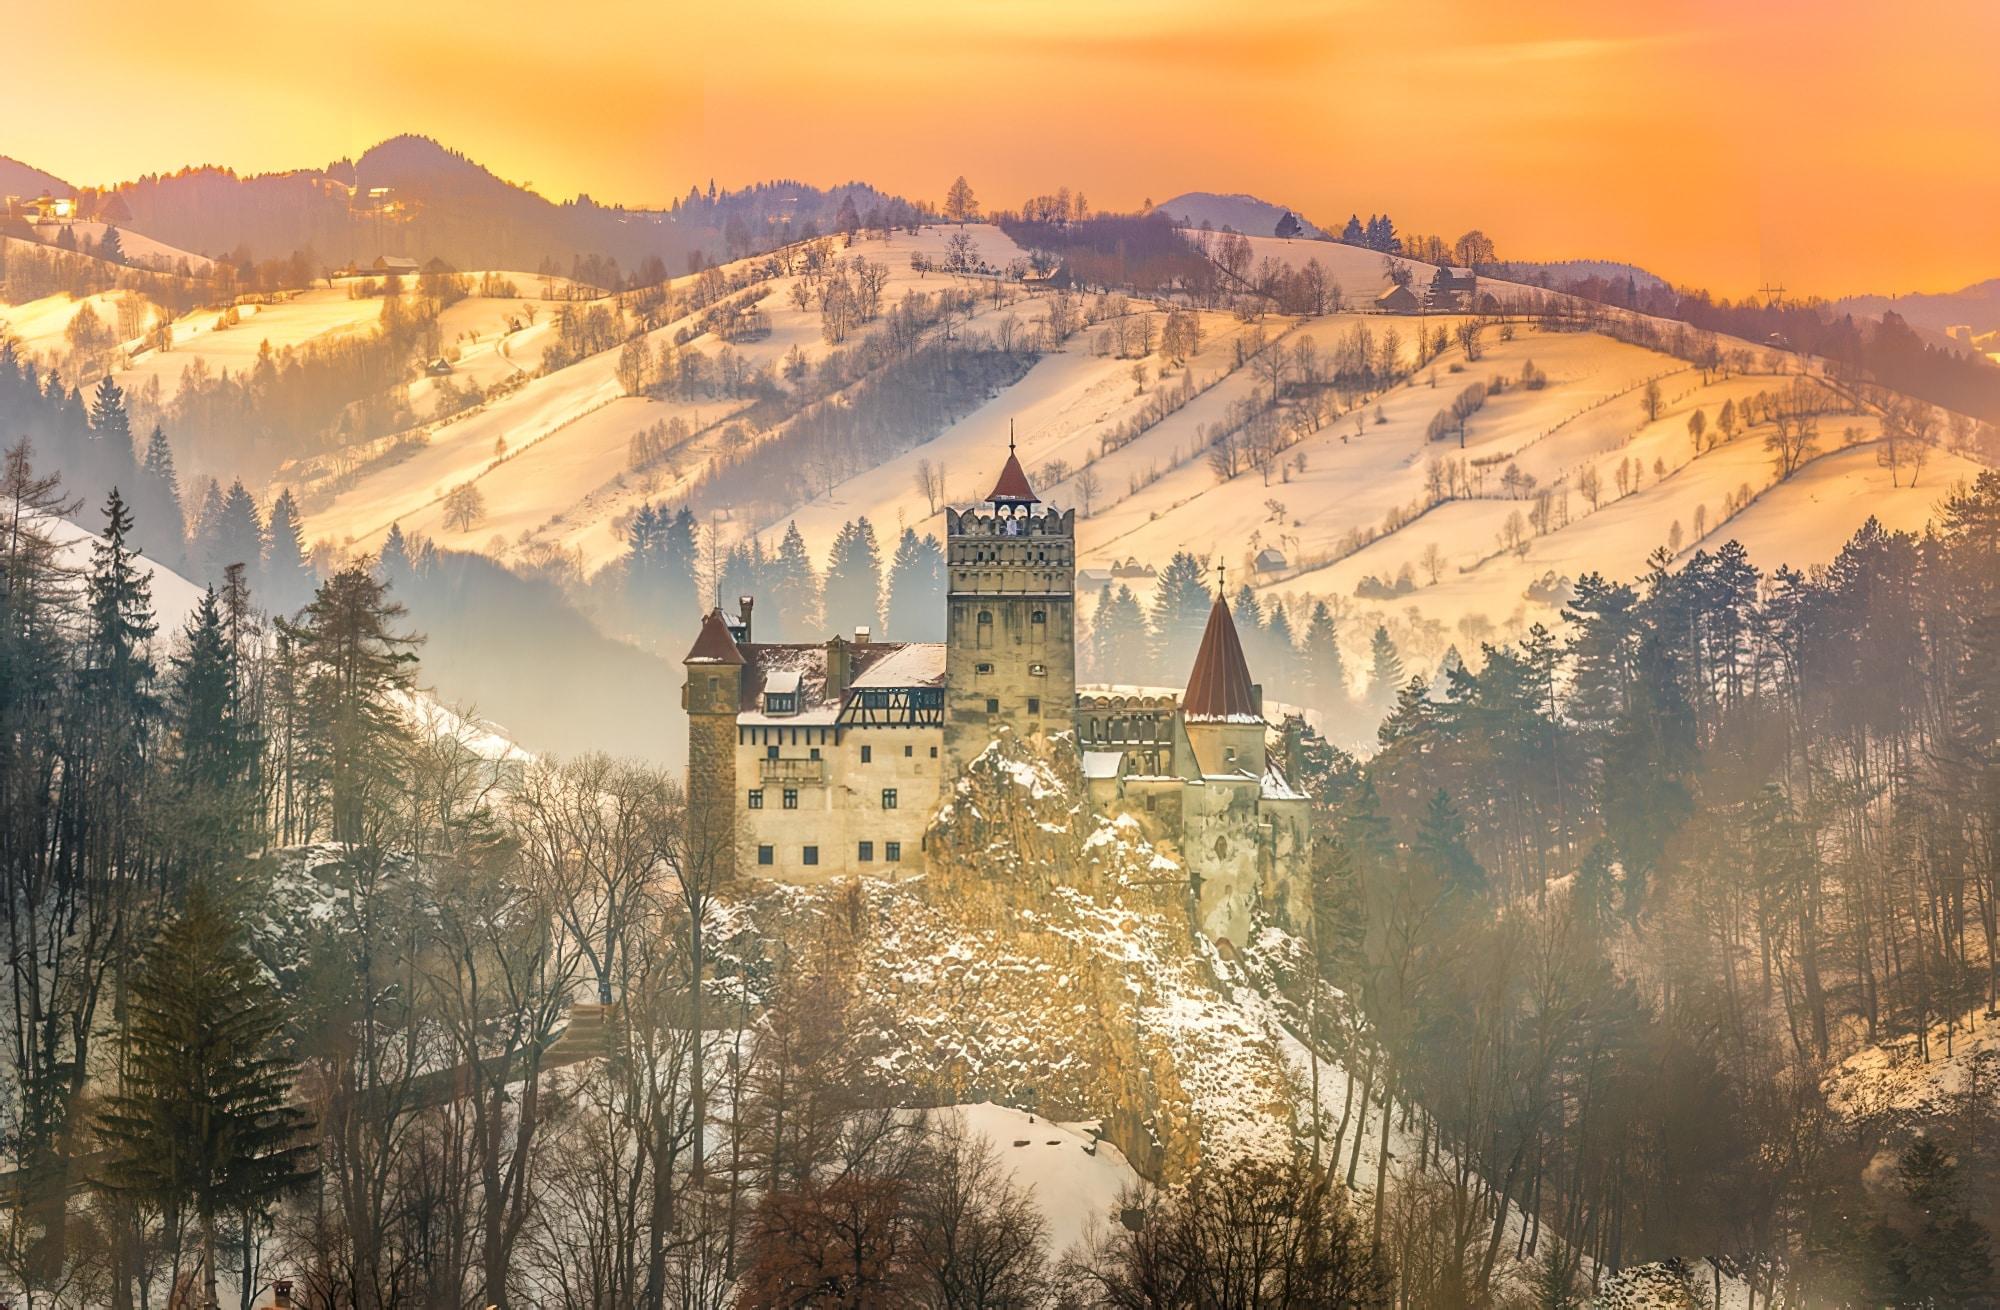 Lumière du soleil sur la dracula médiévale du château de Bran en hiver, Brasov, Transylvanie, Roumanie